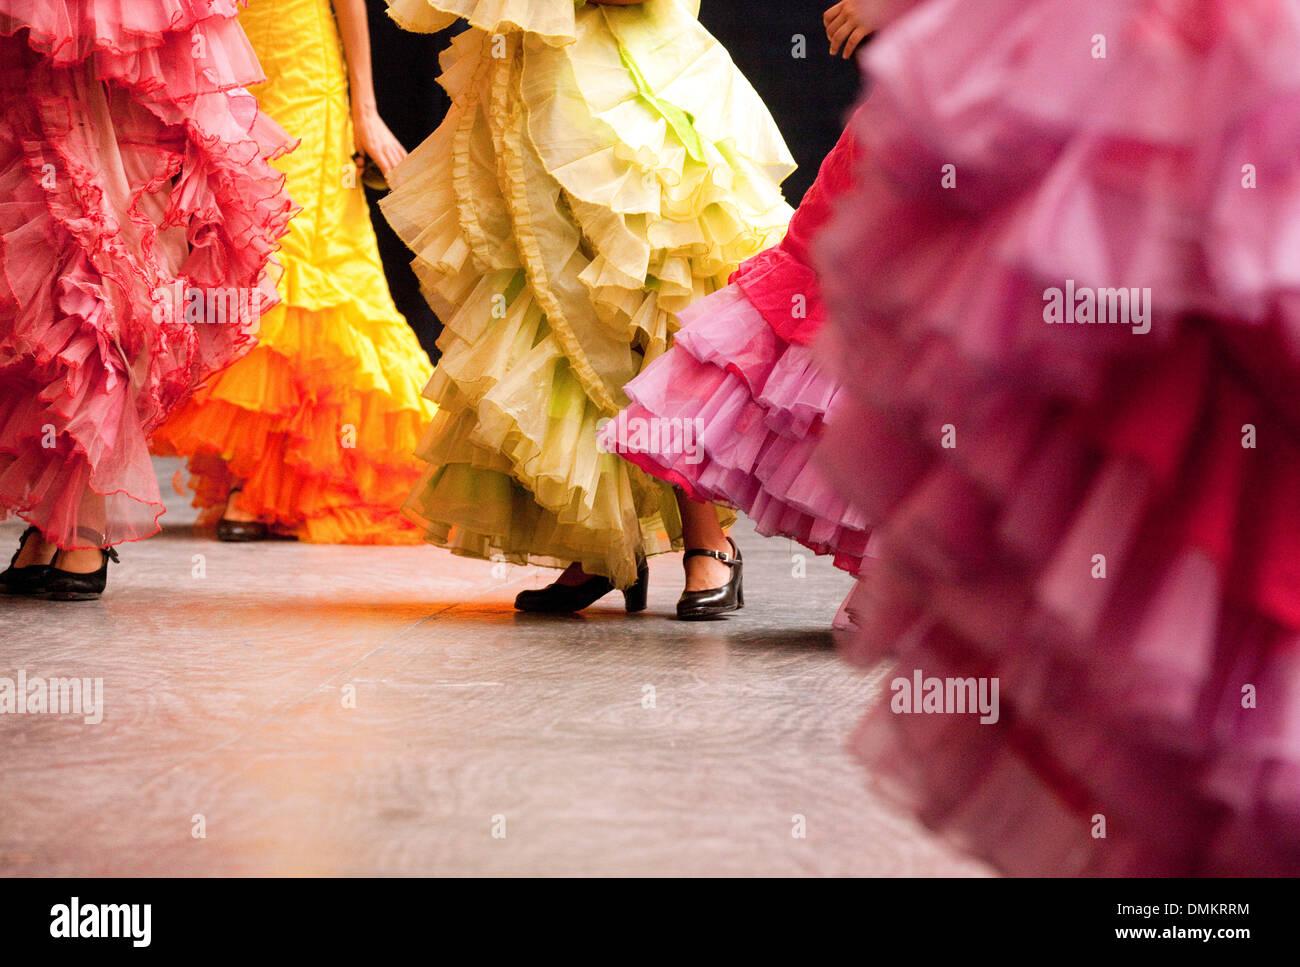 Flamenco dancing, colourful dresses and dancers, Havana Cuba Latin america - Stock Image